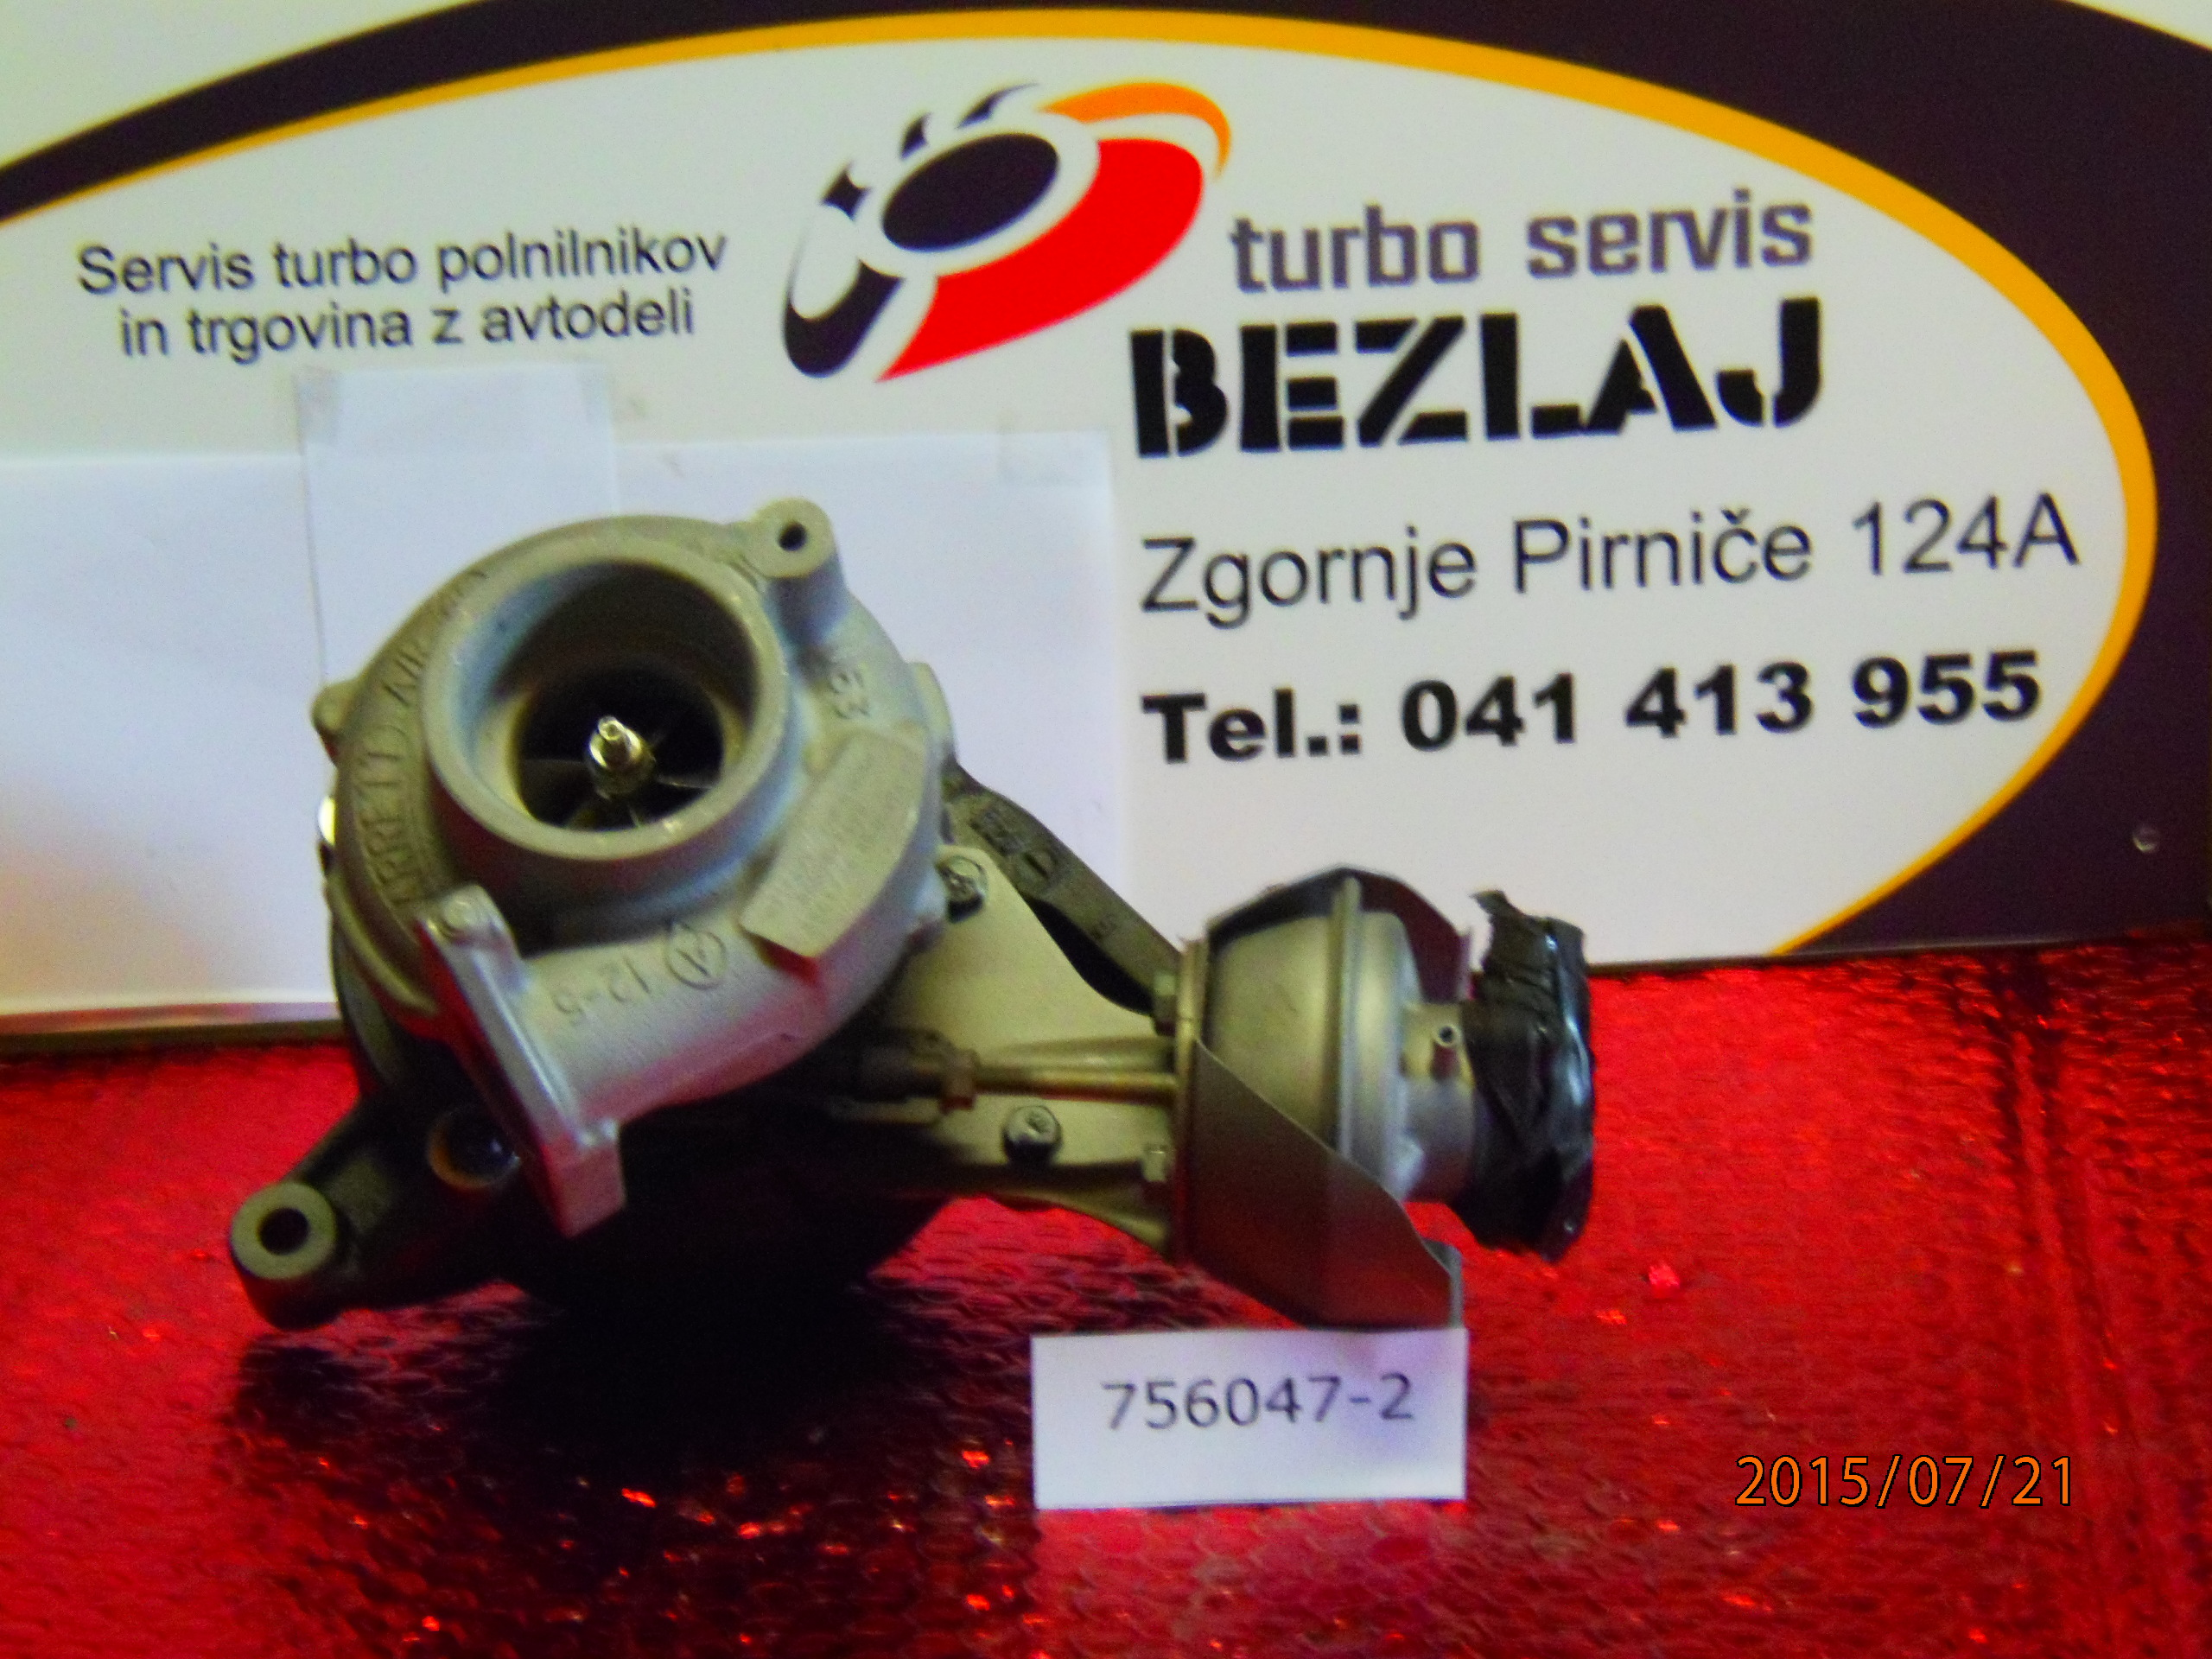 turbo756047-2